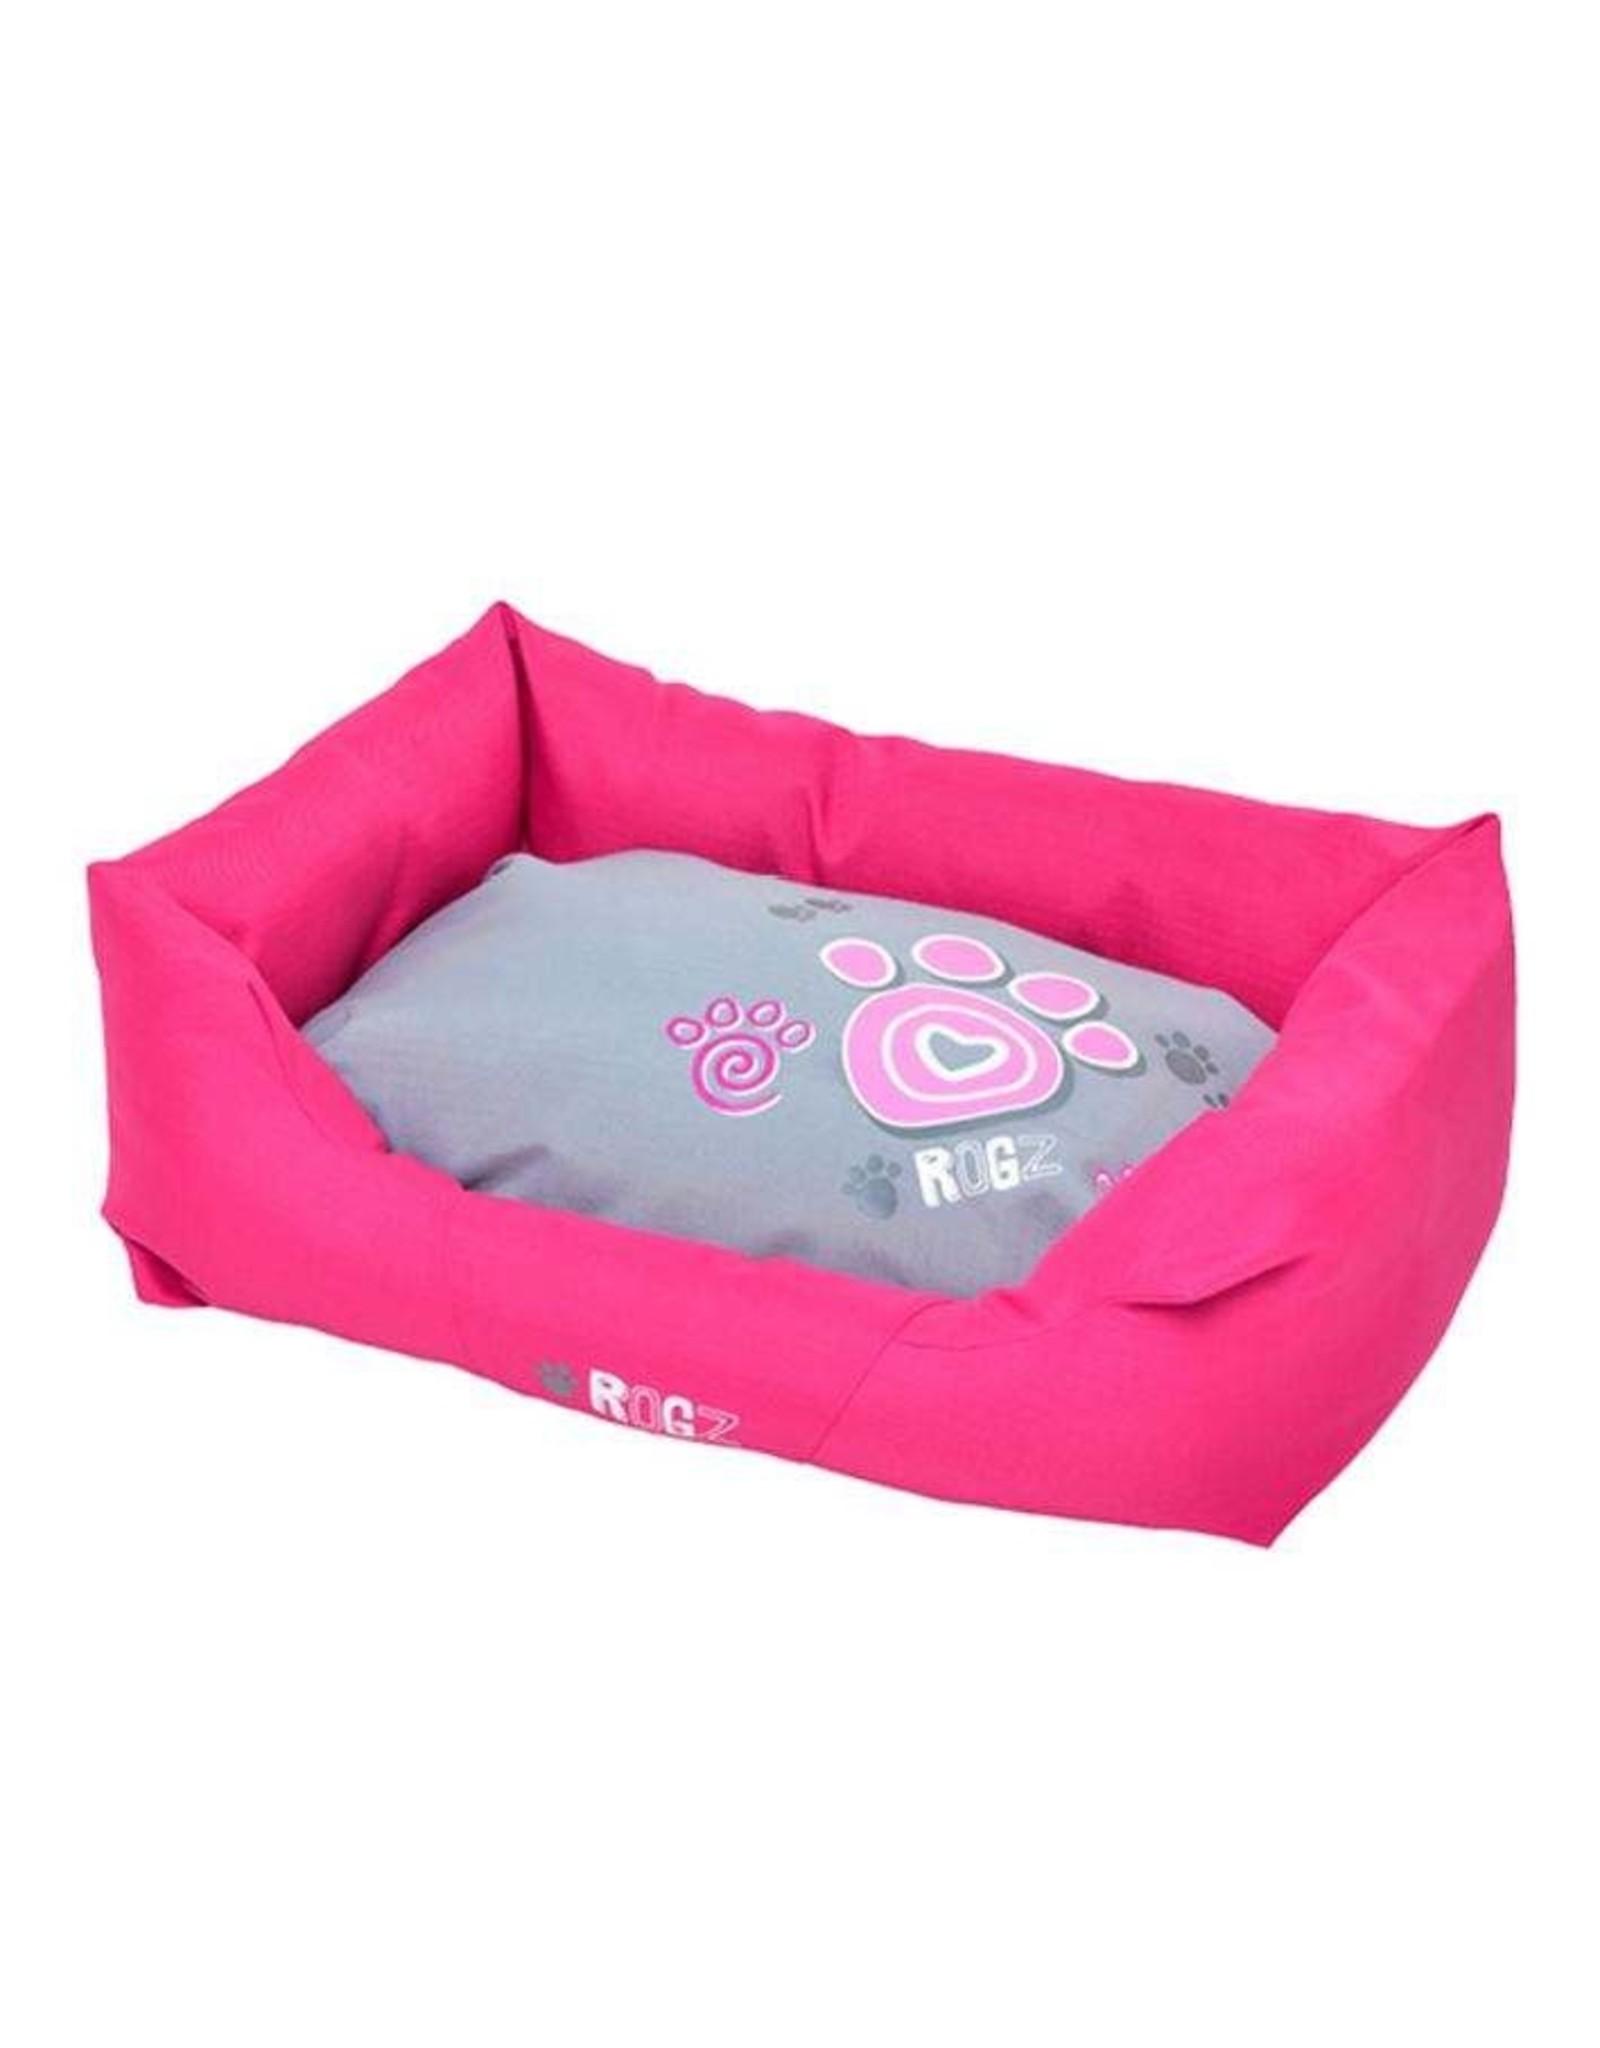 """Rogz Wall Podz - Pink Paw - Large - 35"""" x 22"""" x 10"""""""